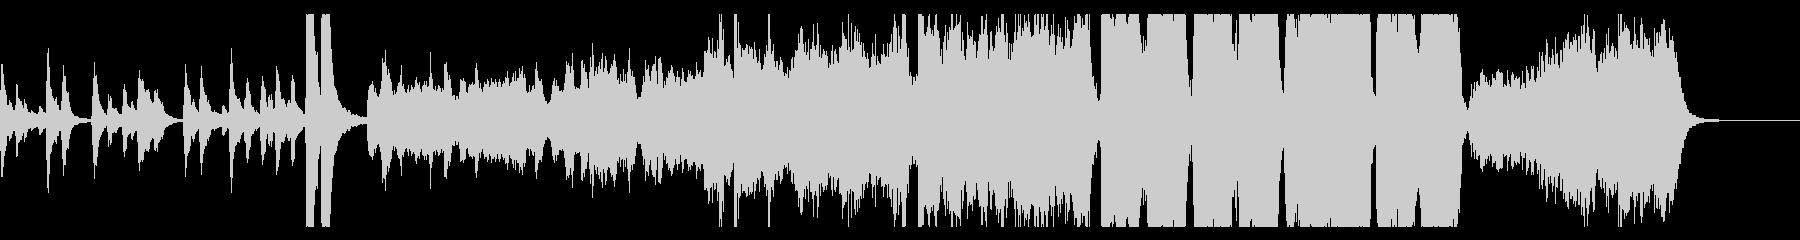 ハロウィン幽霊屋敷イメージのオケ曲の未再生の波形